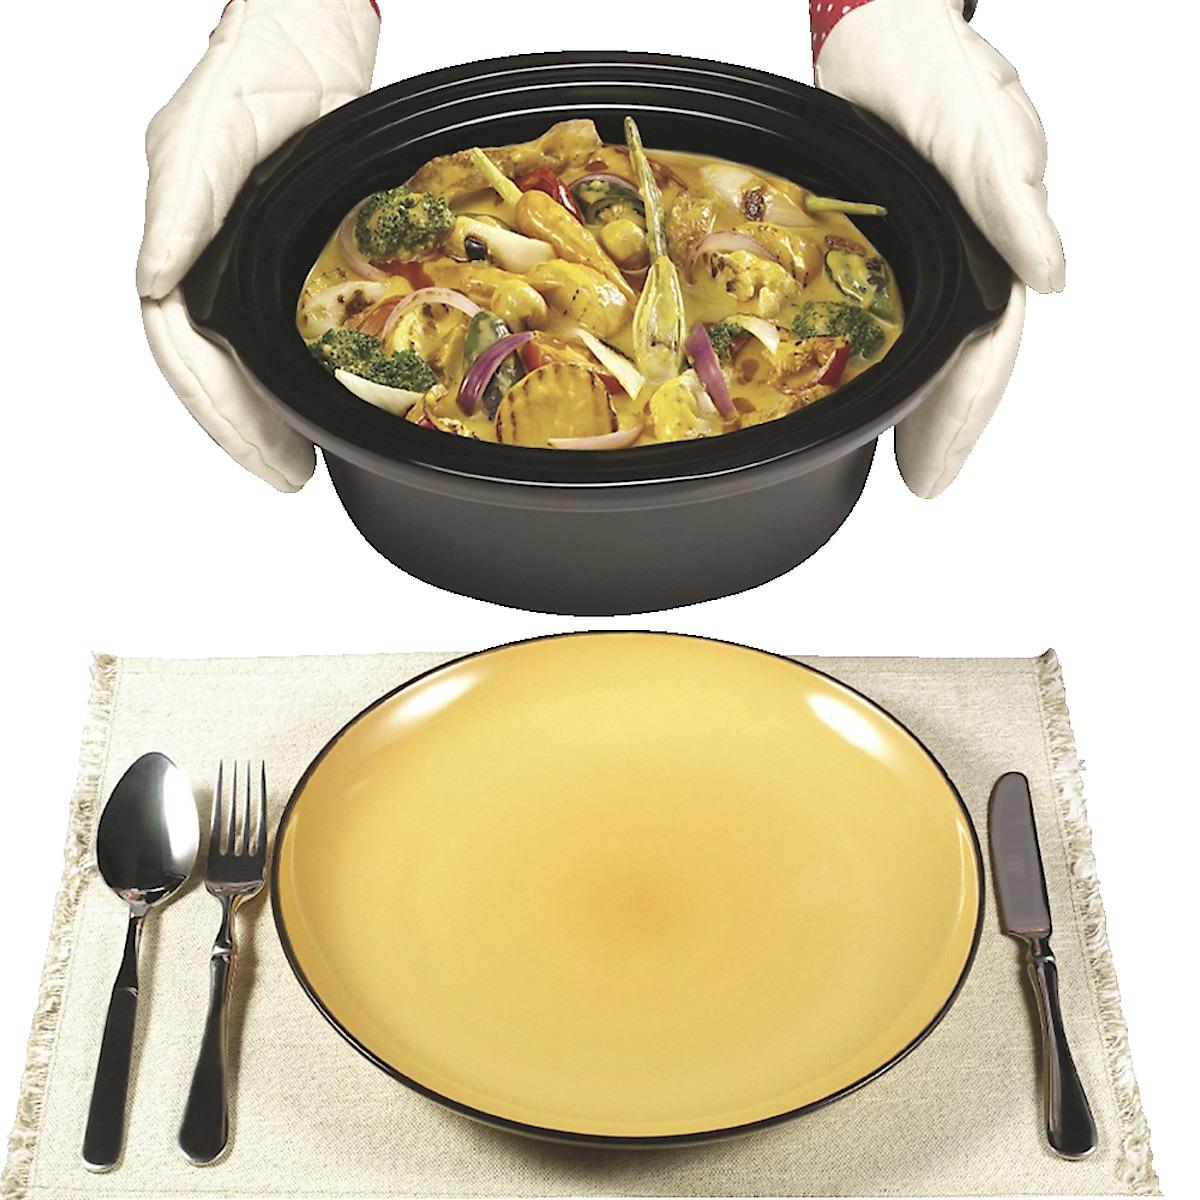 Morphy Richards 48709 3.5 L Slow Cooker